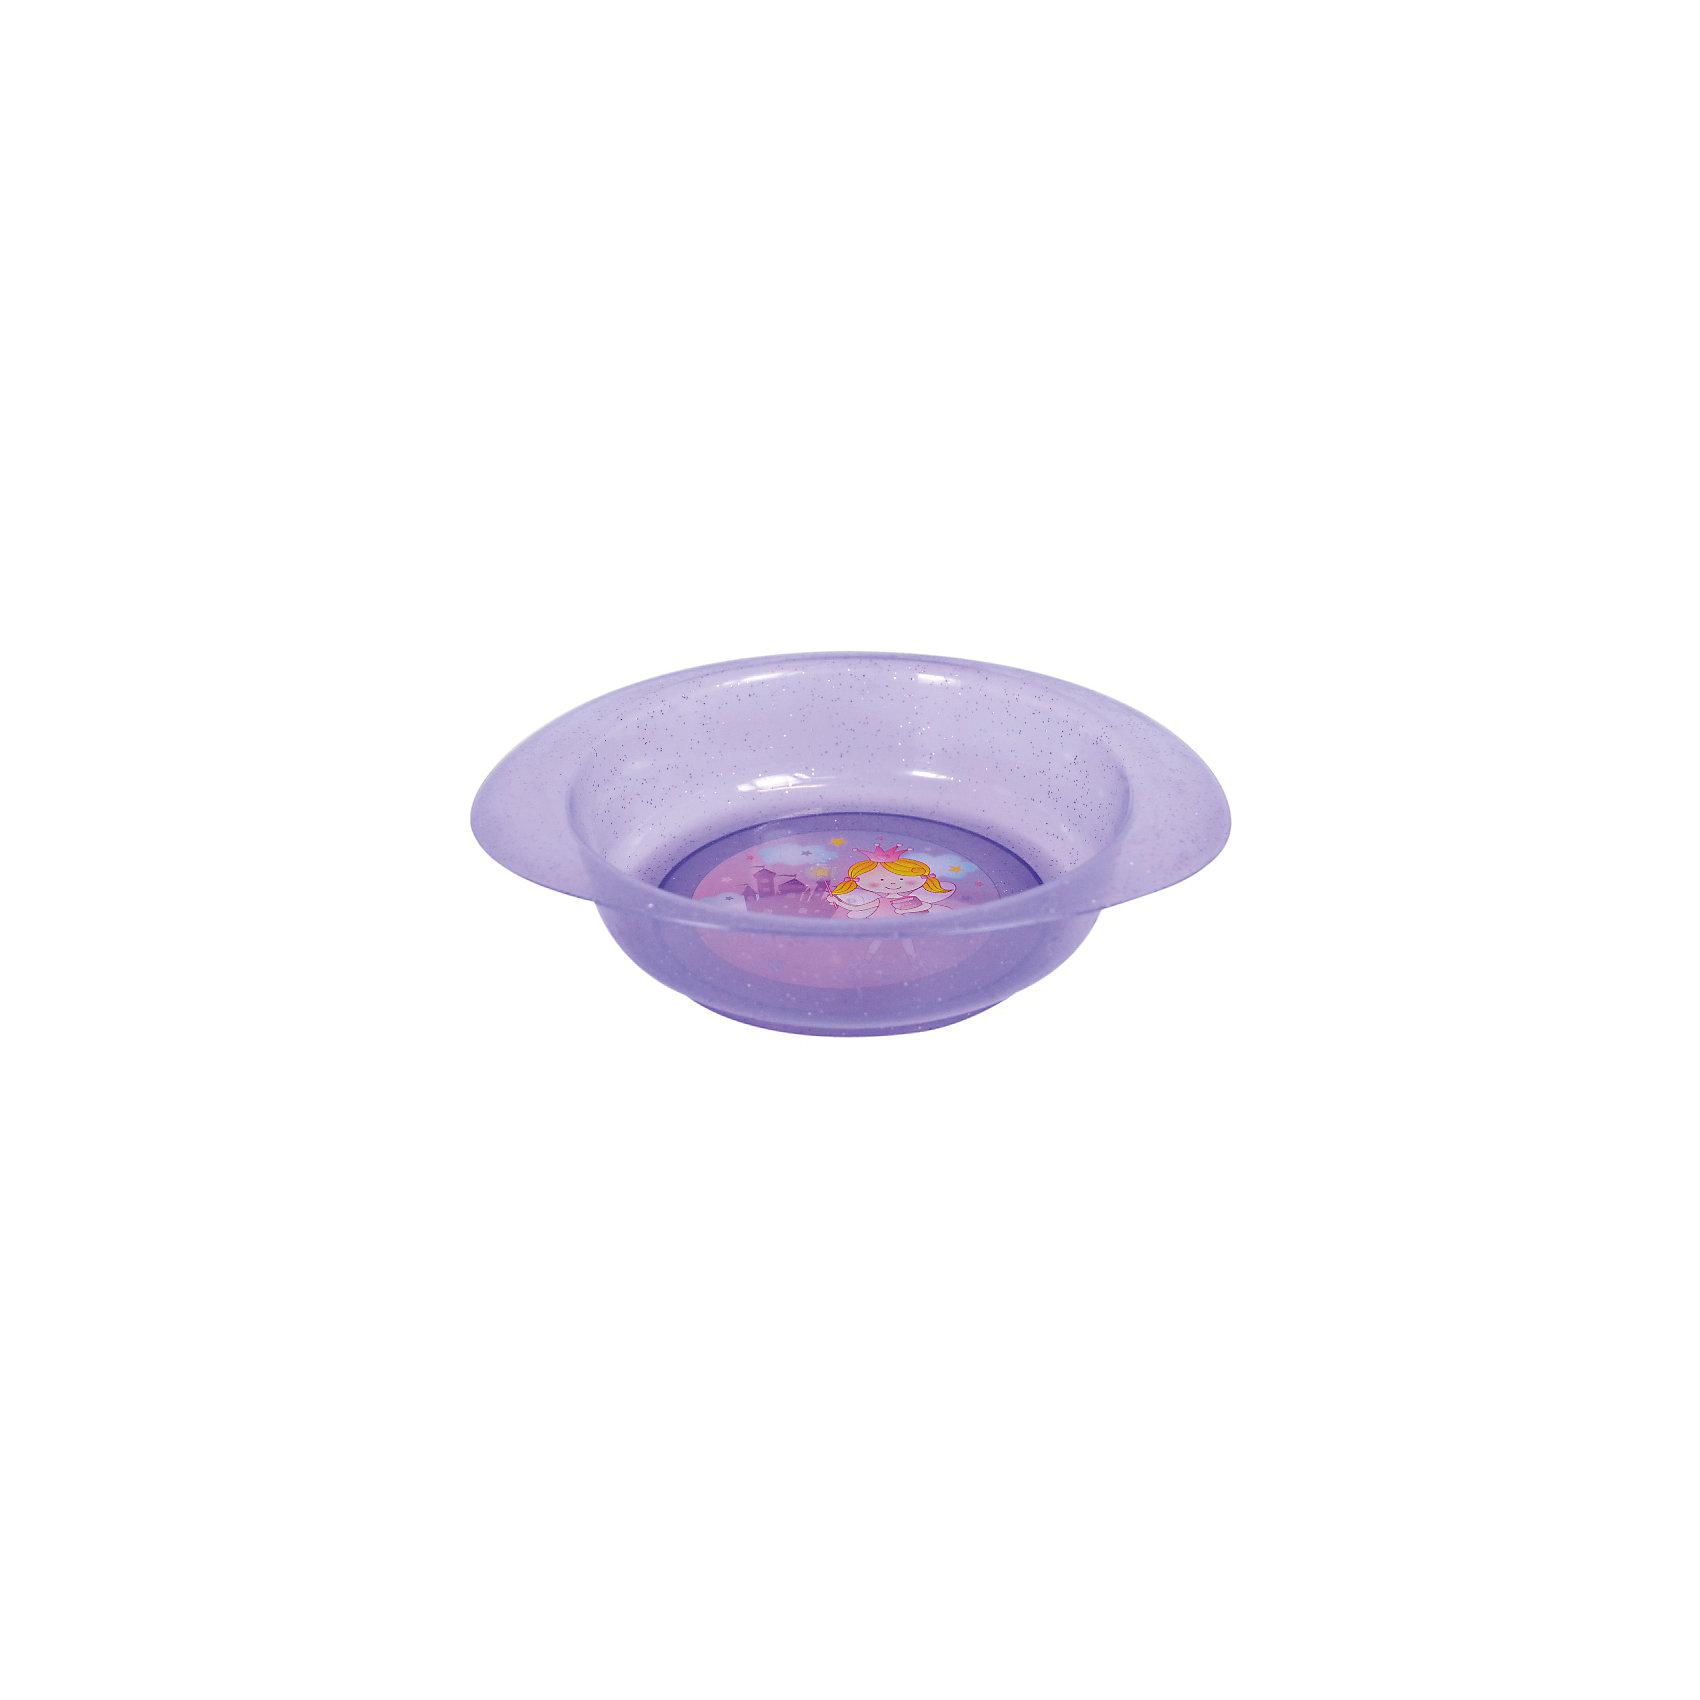 Тарелочка для первых блюд, Kurnosiki, фиолетовыйХарактеристики:<br><br>• Наименование: тарелочка для первых блюд<br>• Материал: пластик<br>• Пол: для девочки<br>• Цвет: фиолетовый<br>• Тематика рисунка: принцесса, замок<br>• Можно использовать как для холодных, так и для горячих блюд<br>• Можно использовать для СВЧ<br>• Удобные ручки с антискользящей поверхностью<br>• Декорирована блестками<br>• Вес: 50 г<br>• Параметры (Д*Ш*В): 24*21*5 см <br>• Особенности ухода: разрешается мыть в посудомоечной машине<br><br>Тарелочка для первых блюд, Kurnosiki, фиолетовый выполнена из безопасного и ударопрочного пластика, по бокам имеются литые нескользящие ручки. <br><br>Тарелочка для первых блюд, Kurnosiki, фиолетовый выполнена в ярком дизайне: дно оформлено сюжетной картинкой принцессы на фоне замка, весь корпус декорирован блестками. Рисунок устойчив к выцветанию и истиранию. Тарелочка для первых блюд от Курносиков позволит без труда накормить даже самых непоседливых маленьких принцесс!<br><br>Тарелочку для первых блюд, Kurnosiki, фиолетовый можно купить в нашем интернет-магазине.<br><br>Ширина мм: 70<br>Глубина мм: 100<br>Высота мм: 190<br>Вес г: 85<br>Возраст от месяцев: 4<br>Возраст до месяцев: 36<br>Пол: Женский<br>Возраст: Детский<br>SKU: 5428719